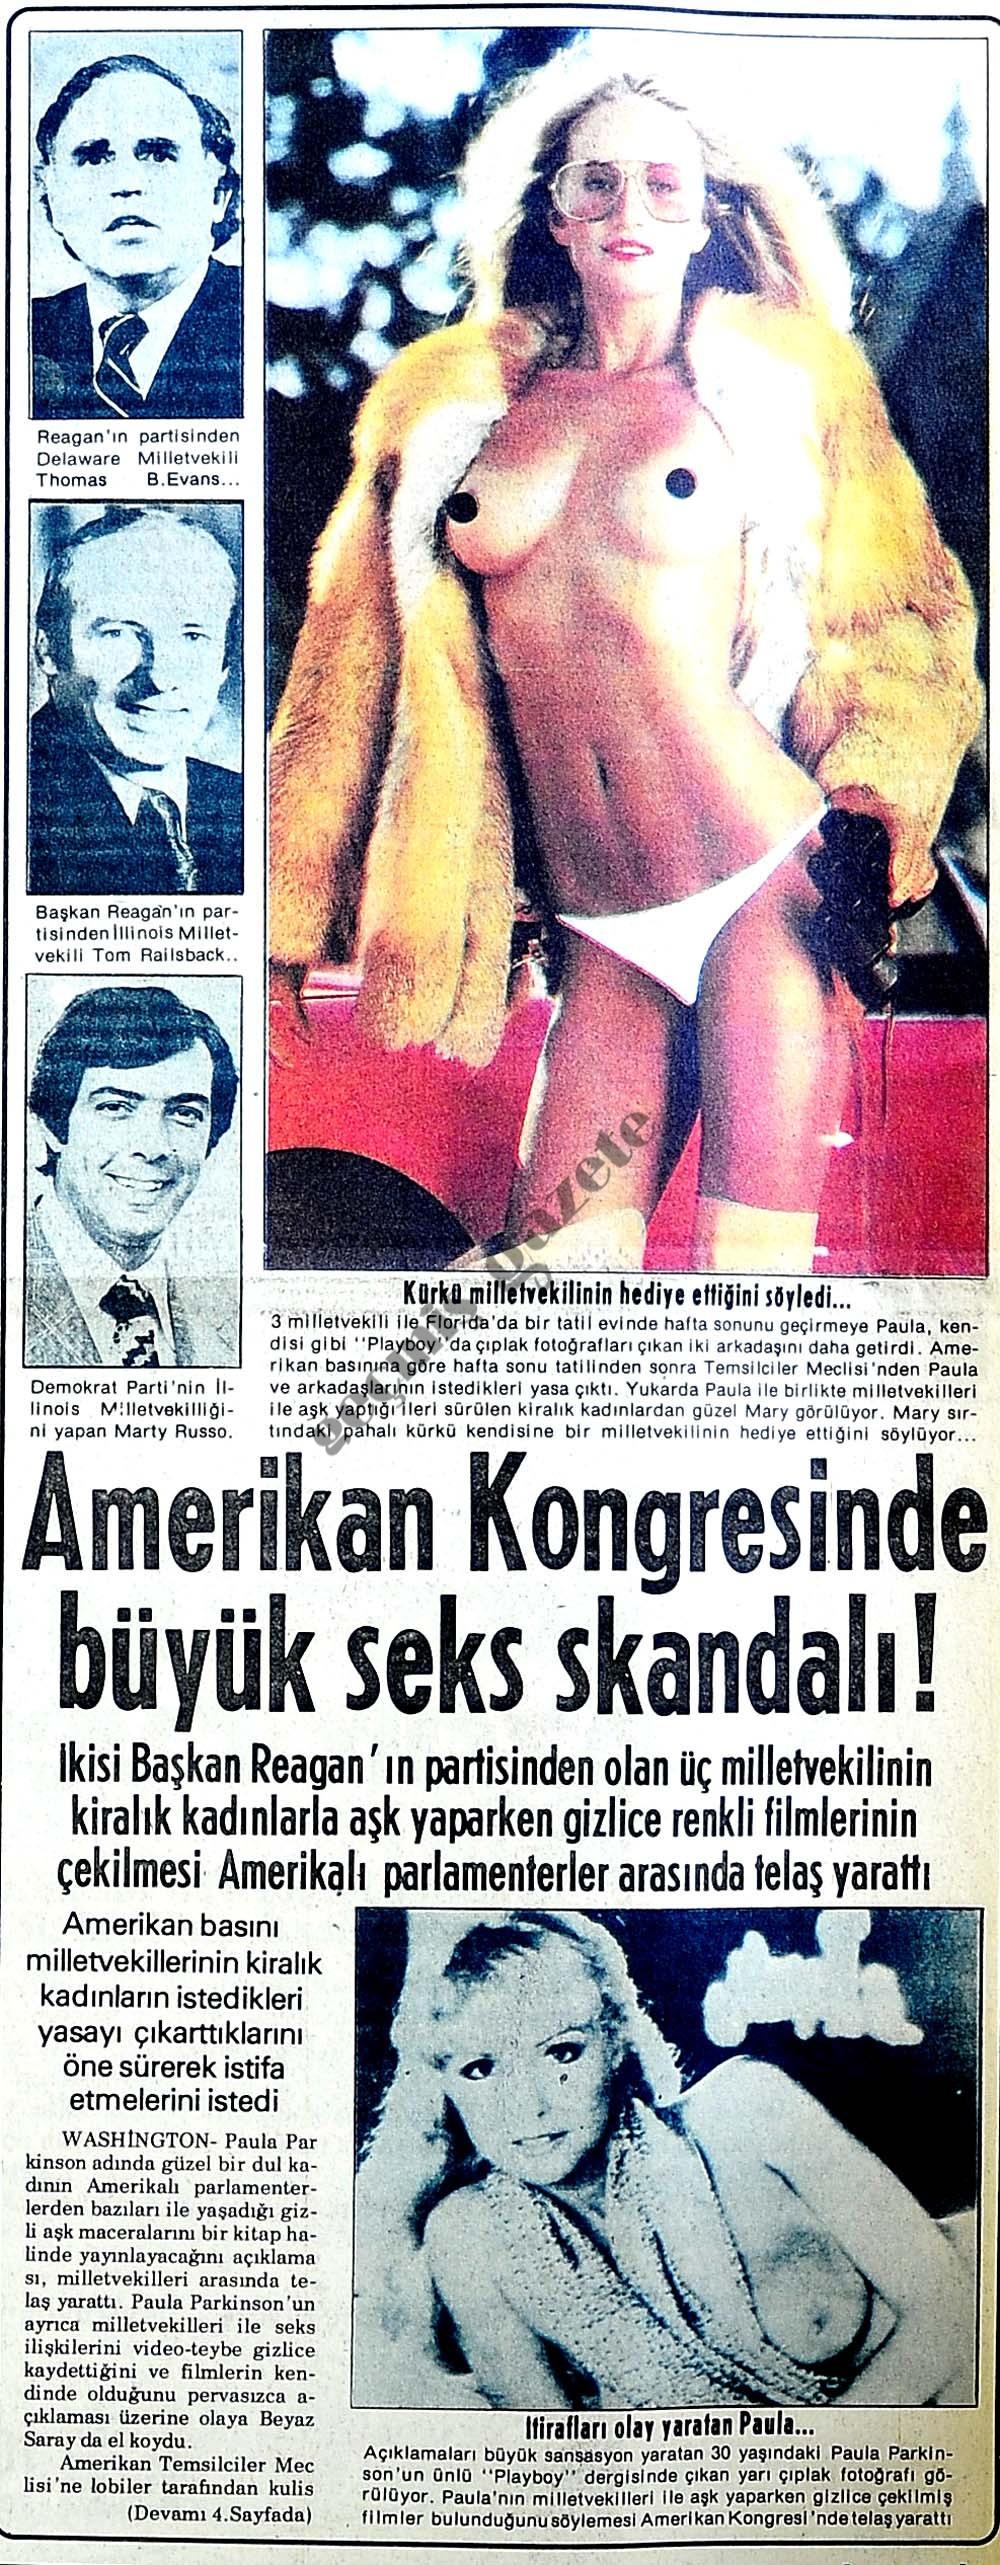 Amerikan kongresinde seks skandalı!